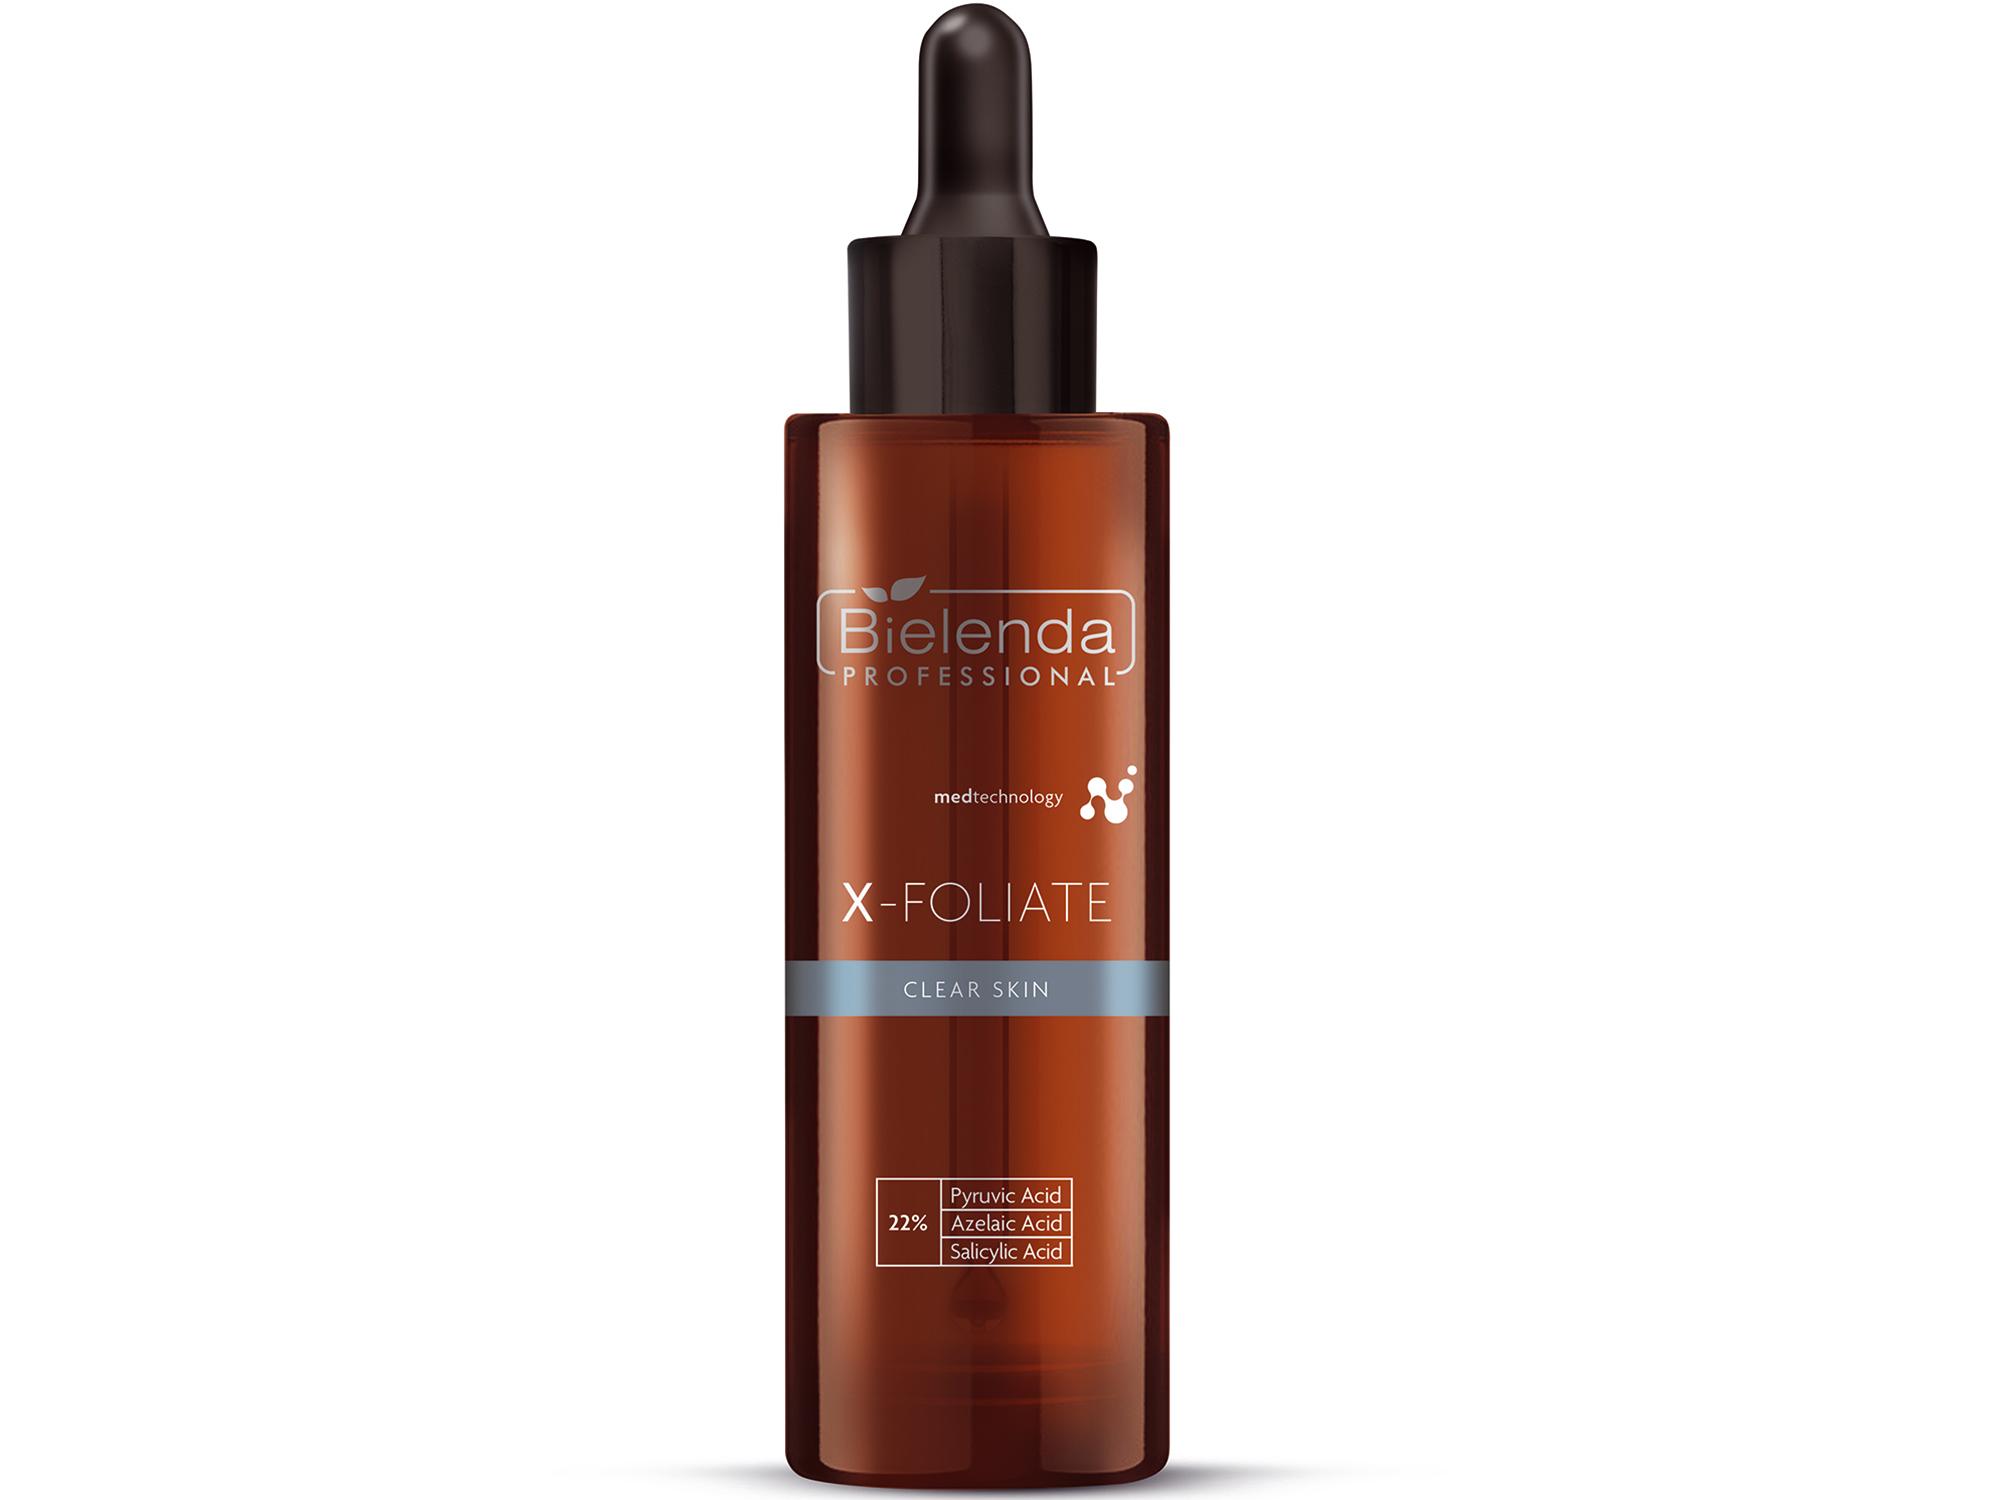 X-FOLIATE Clear Skin - Пилинг  для жирной кожи лица, предрасположенной  к акне